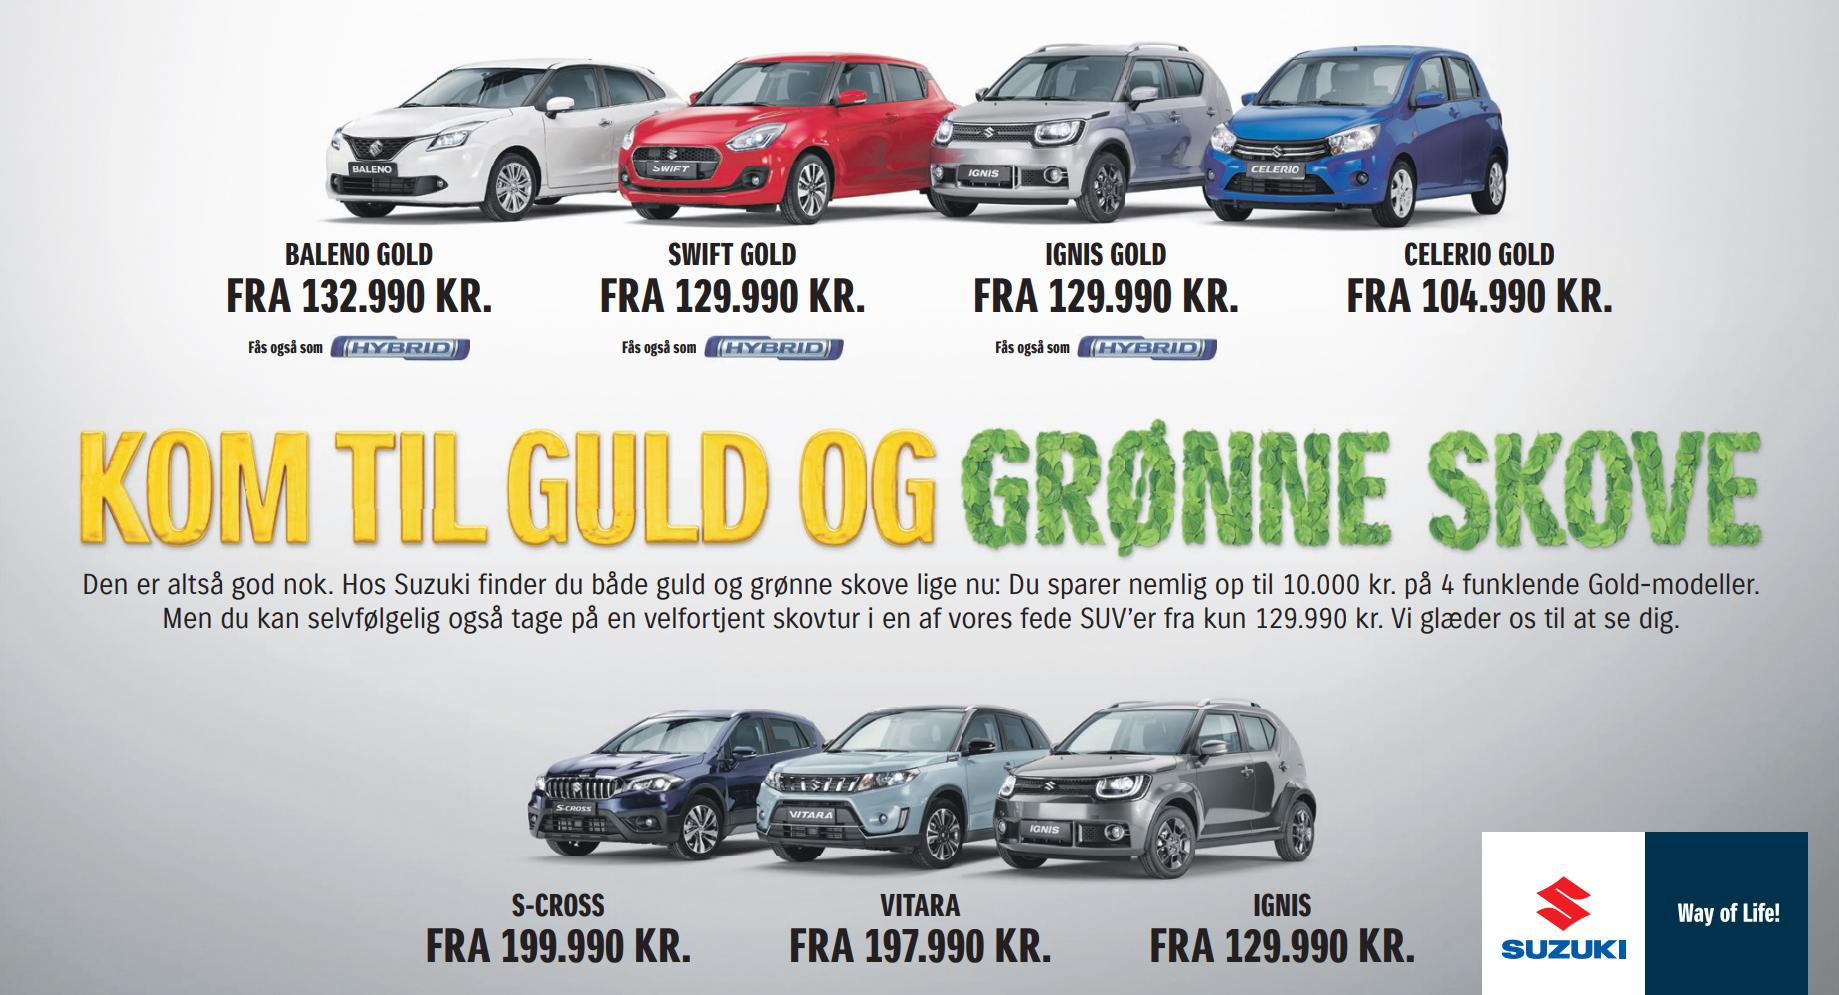 Kom til guld og grønne skove og spar 10.000 kr. på udvalgte Suzuki modeller